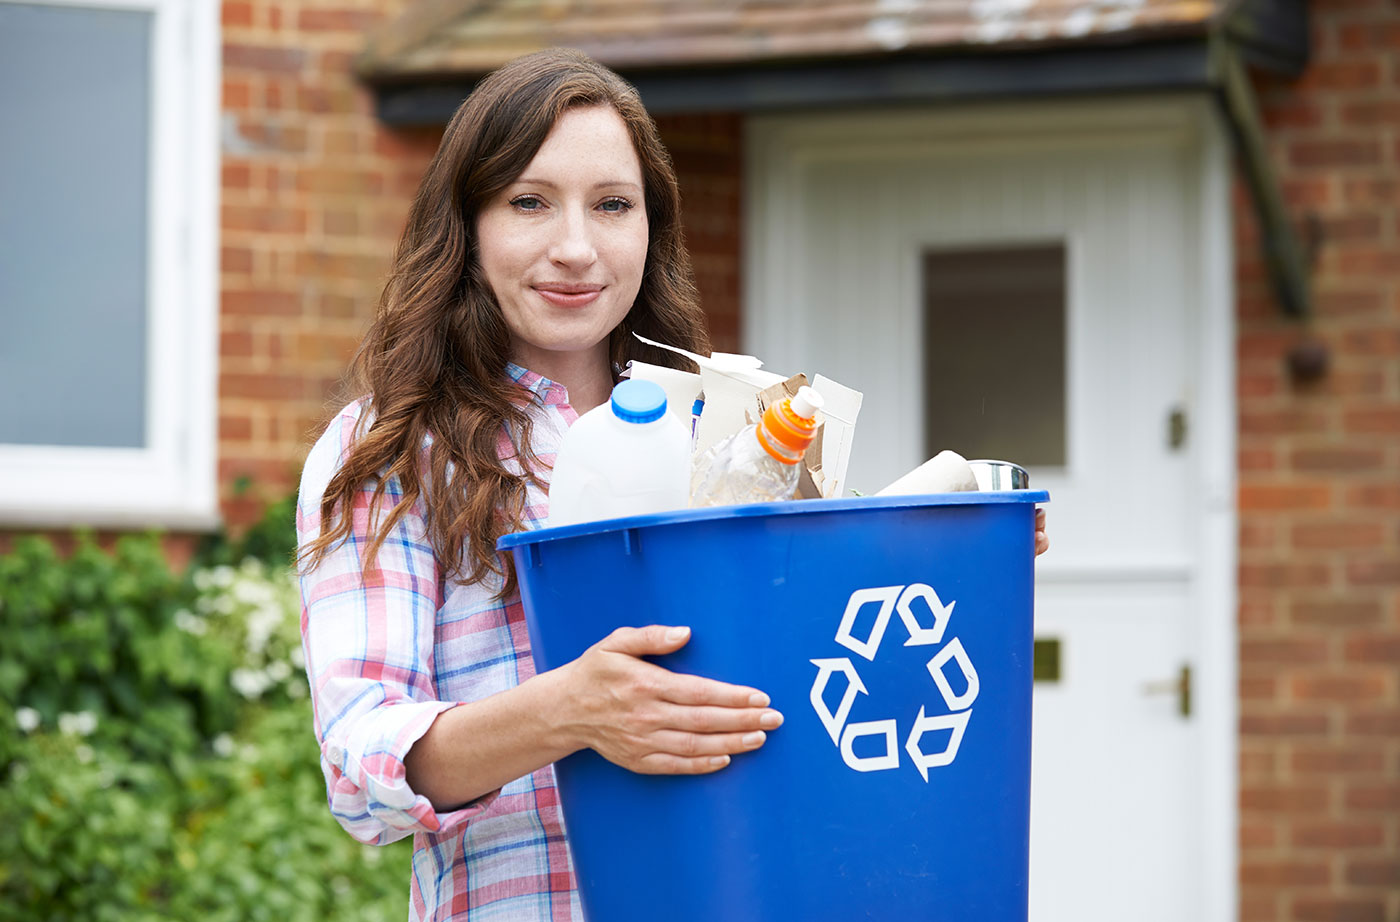 recycling bin